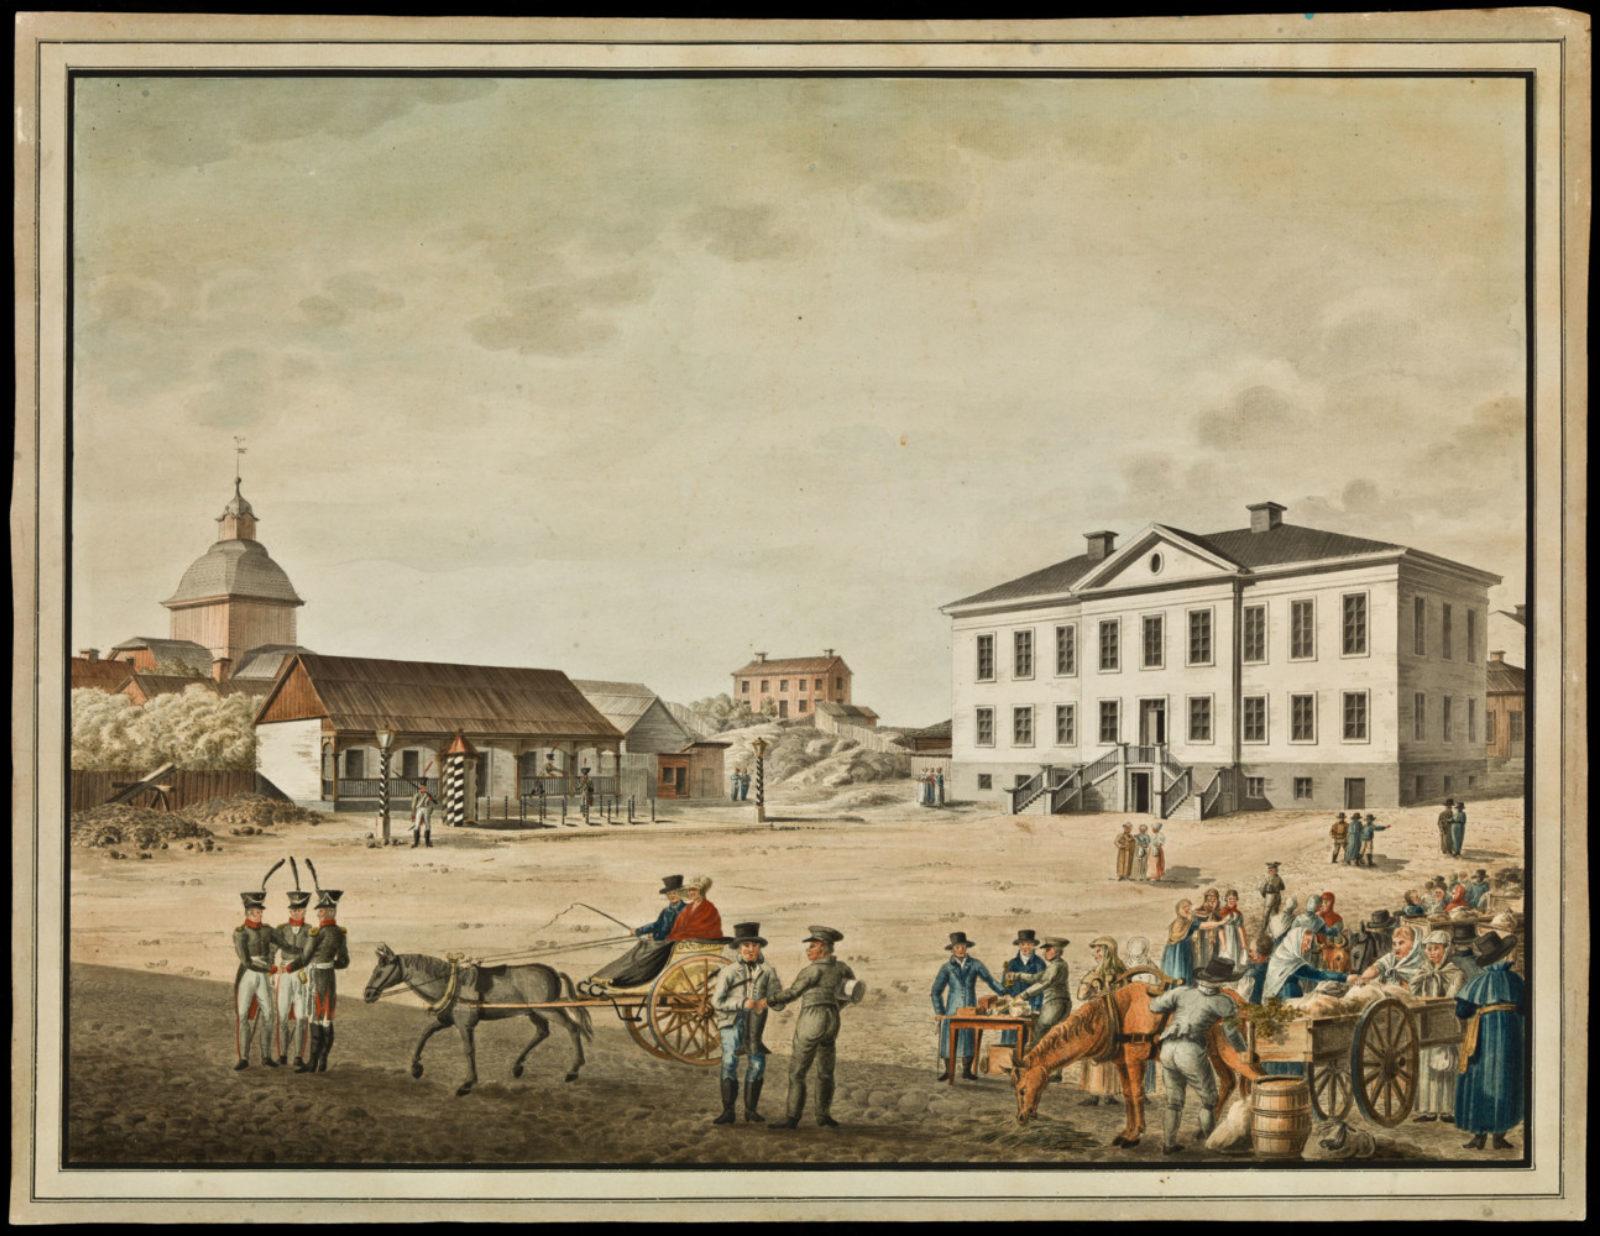 Старая Большая площадь Хельсинки. Справа - ратуша, а слева - здание гауптвахты, за которой находится церковь Ульрики Элеоноры. Картина акварелью К. Л. Энгеля датируется примерно 1816 годом.